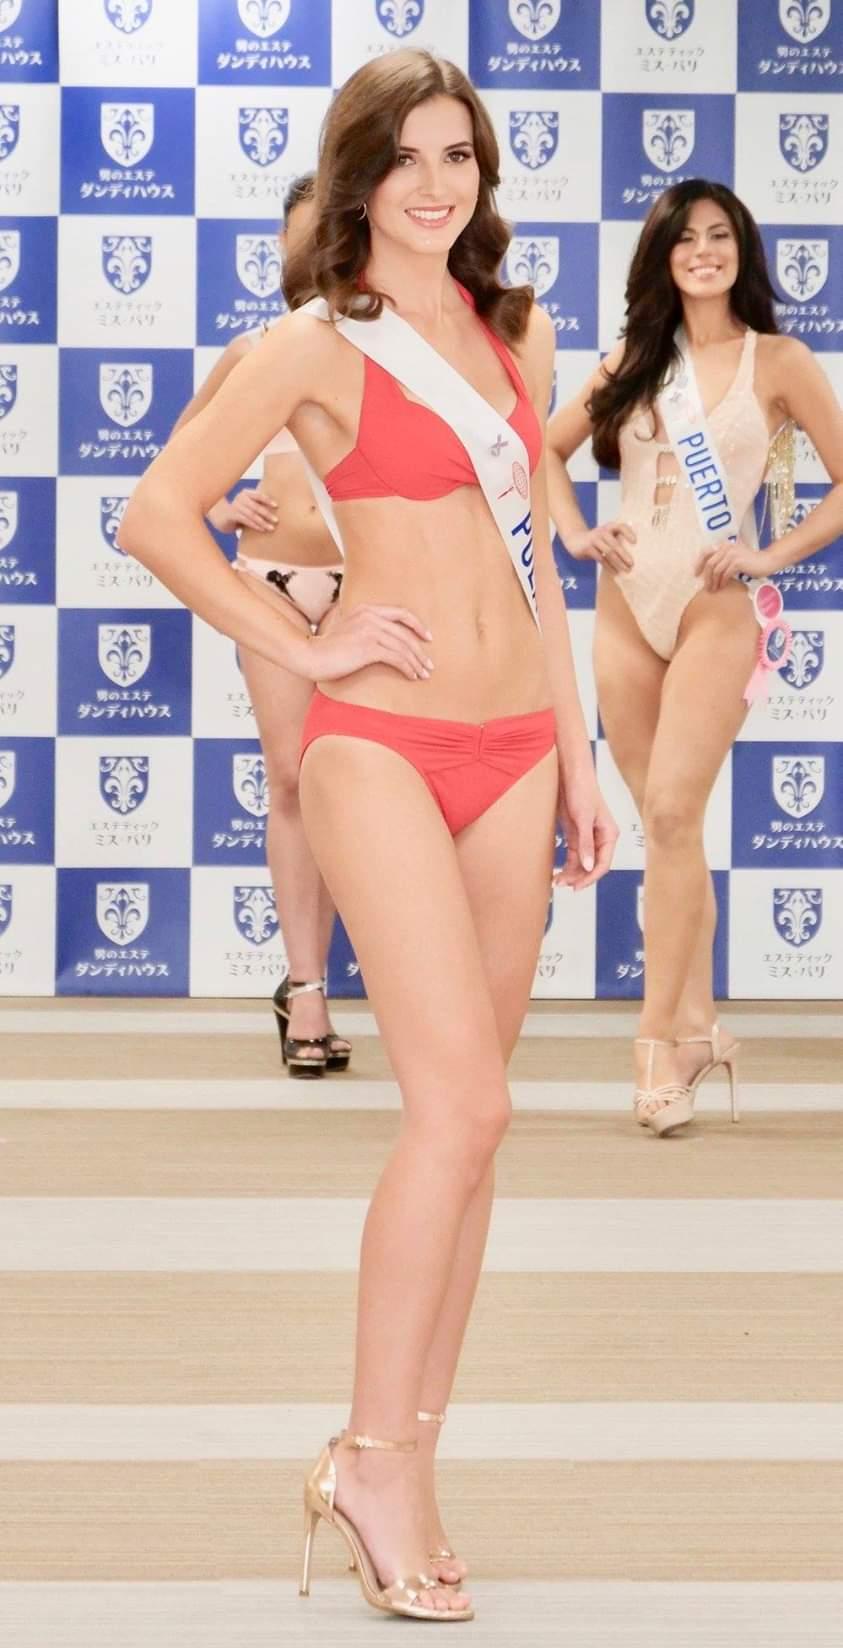 Round 50th : Miss International 2018 Poland15